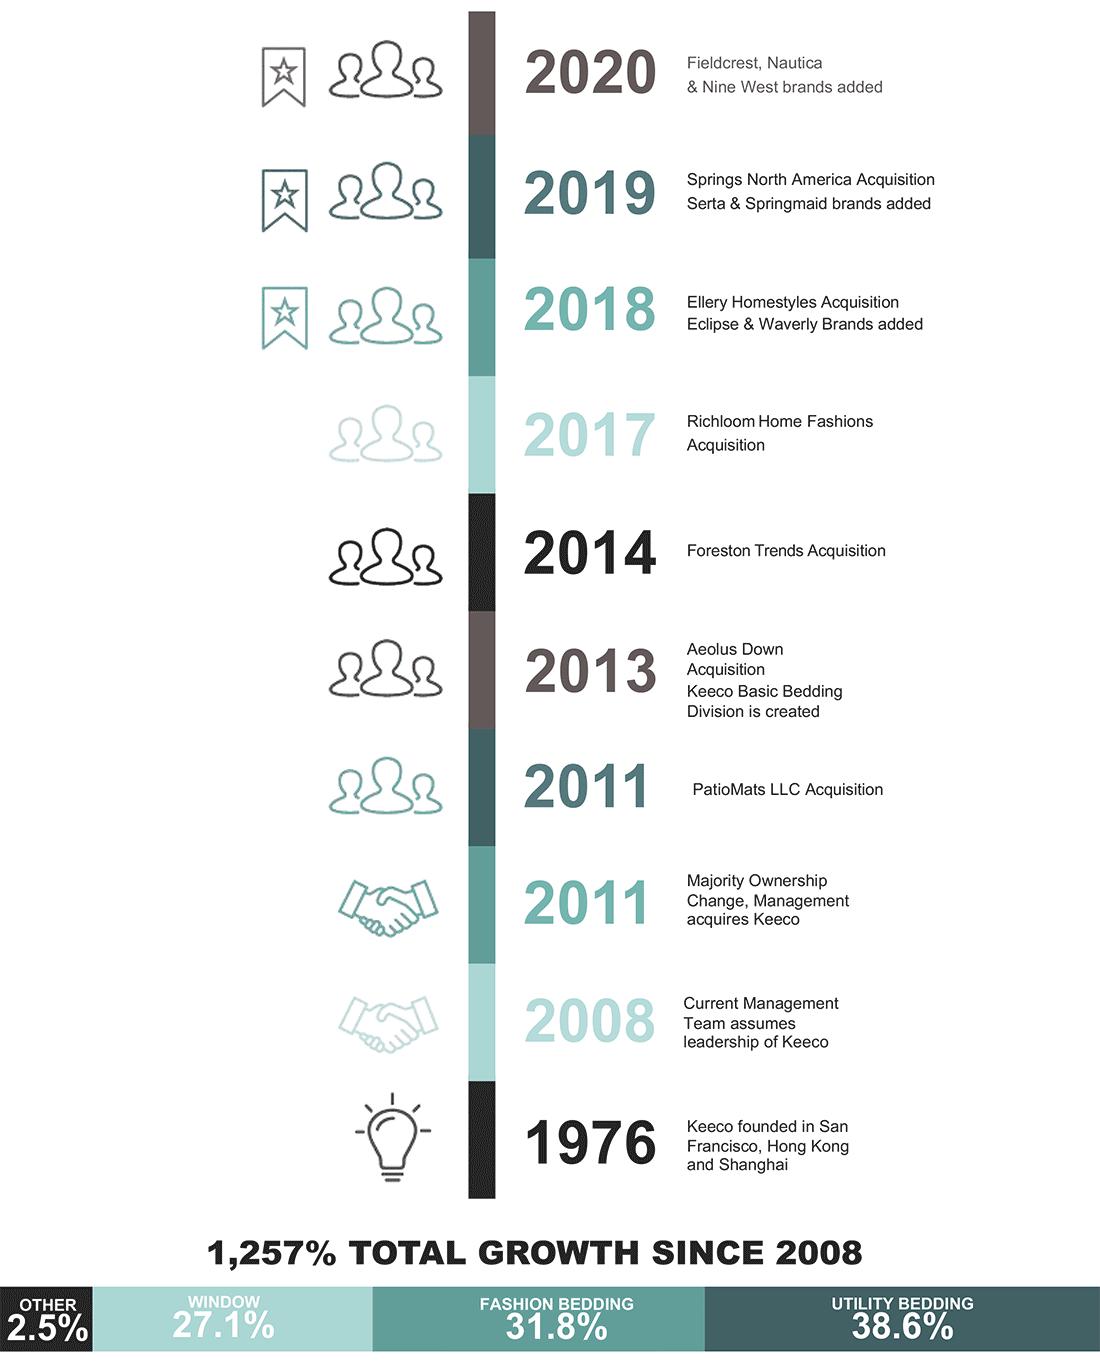 Keeco History Timeline